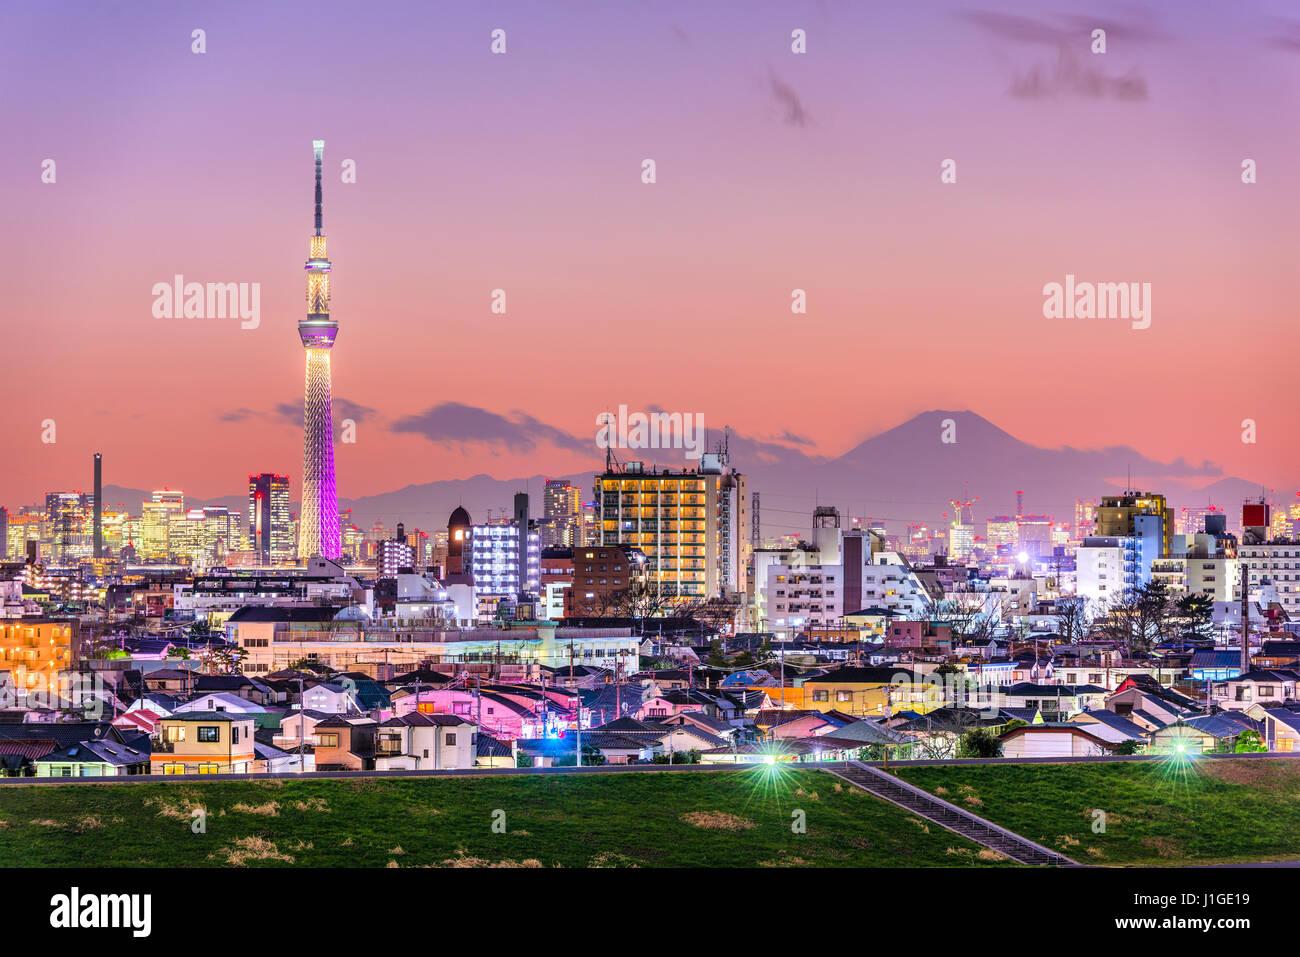 Tokio, Japón skyline con Mt. Fuji y la Torre Skytree. Imagen De Stock